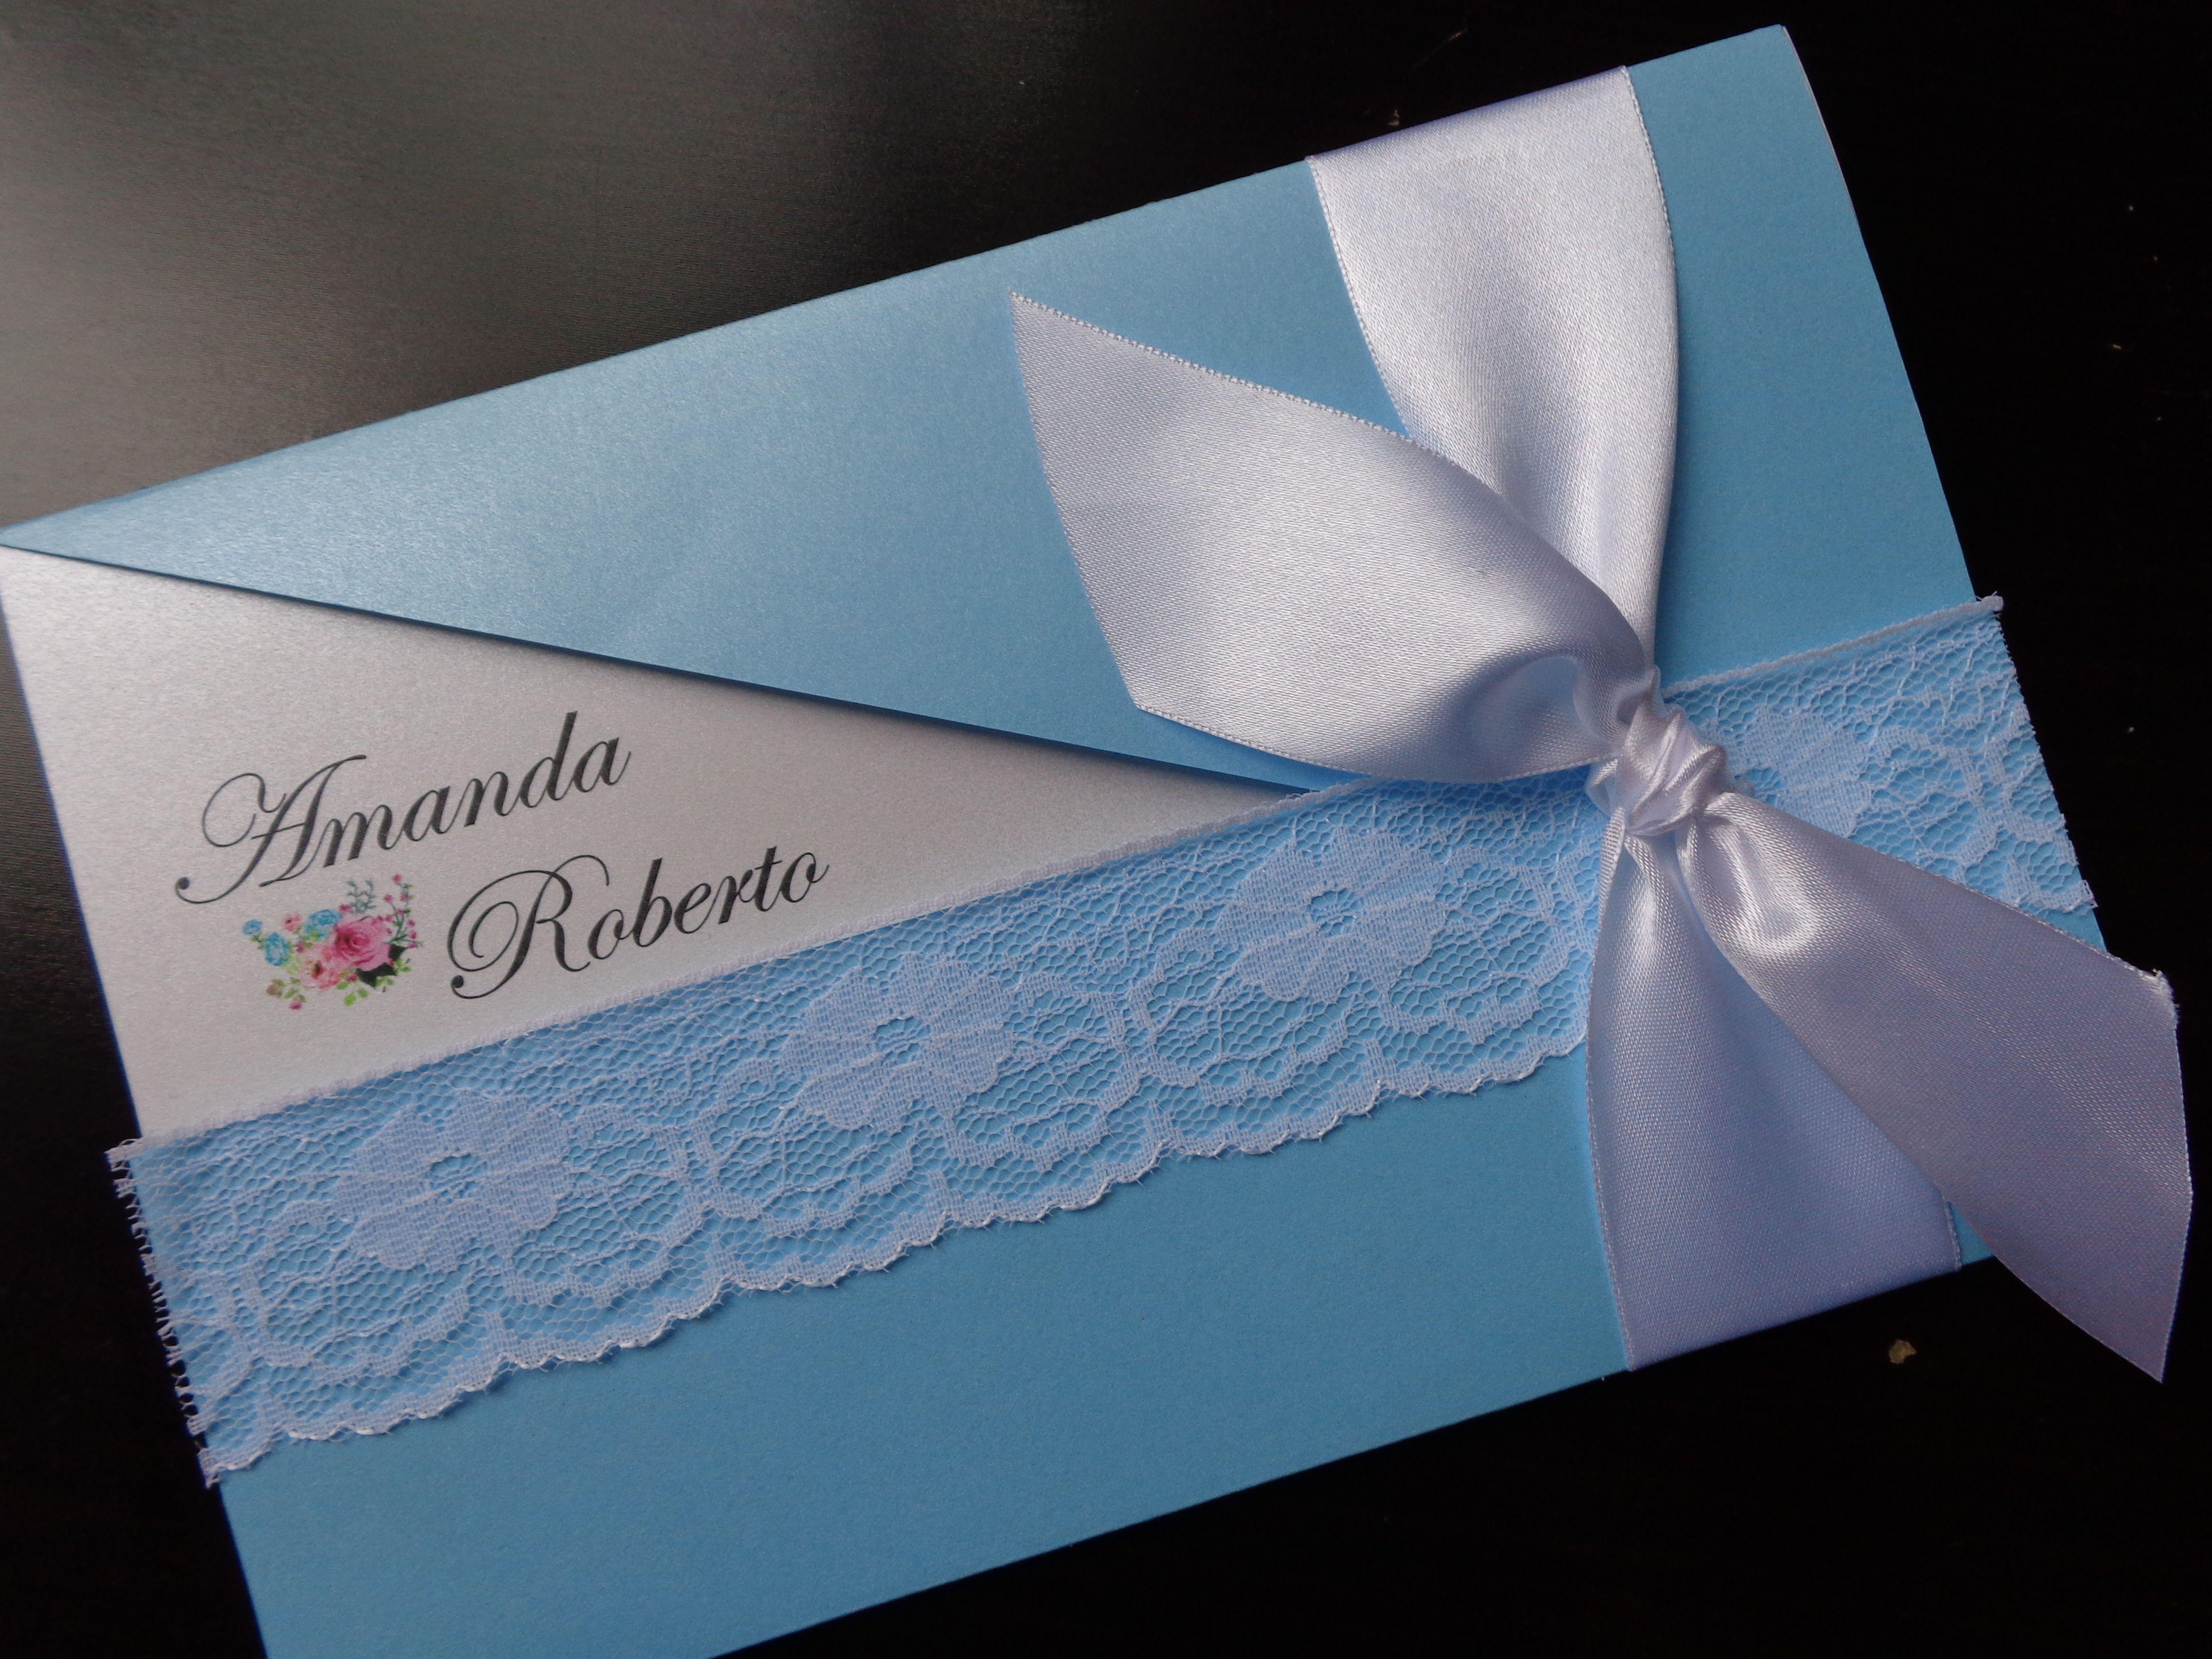 35812f03992 Envelope  Pape Perolado 180g Convite  Papel Perolado180g Impressão Offset  1x0 cor Detalhes  Envelope